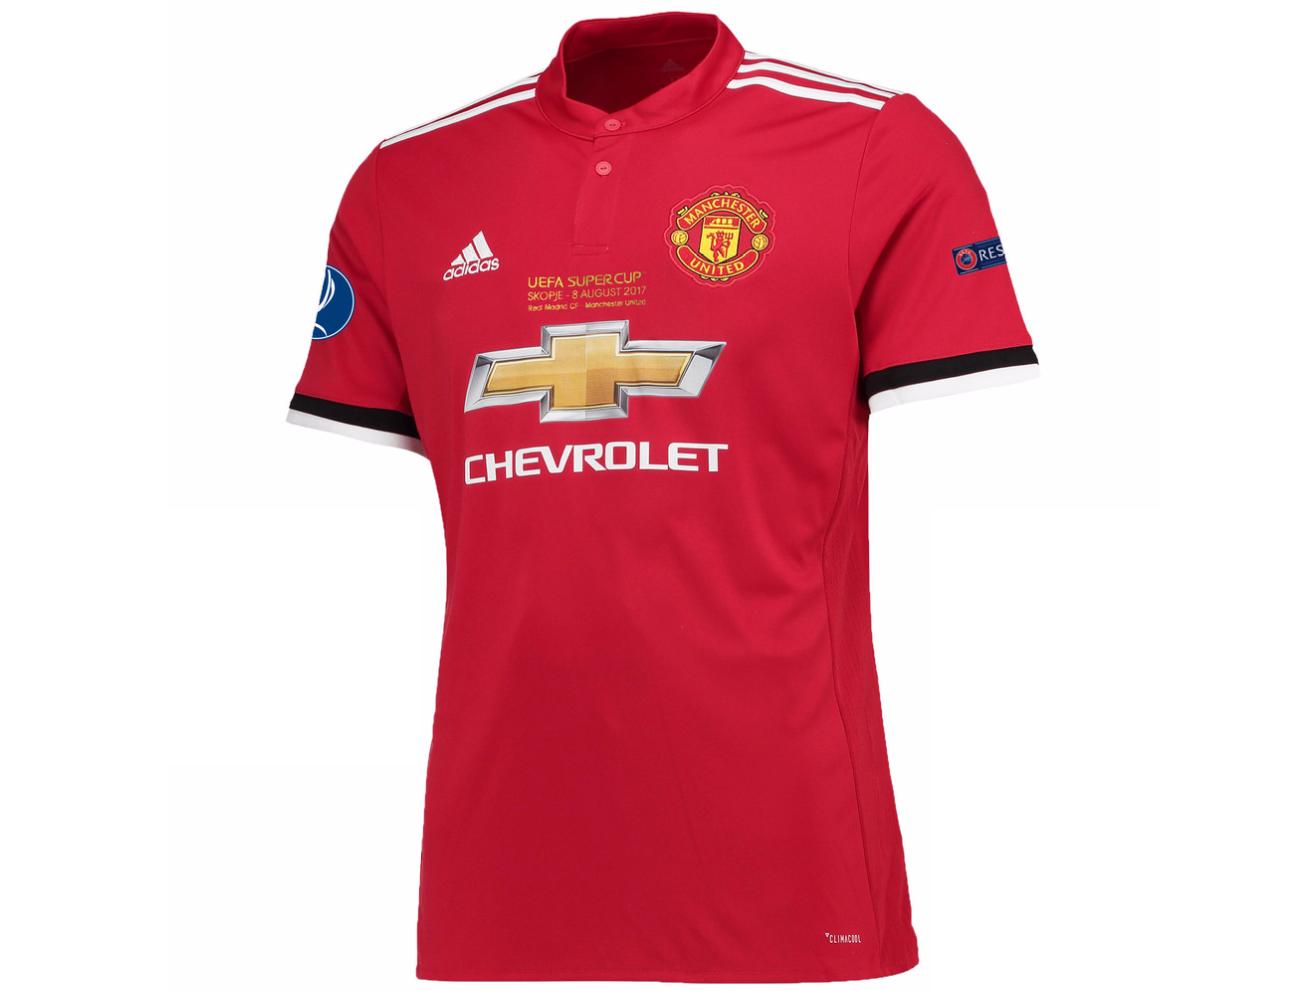 เสื้อแมนเชสเตอร์ ยูไนเต็ด 2017 2018 ทีมเหย้า UEFA Super Cup 2017 รอบสุดท้ายของแท้